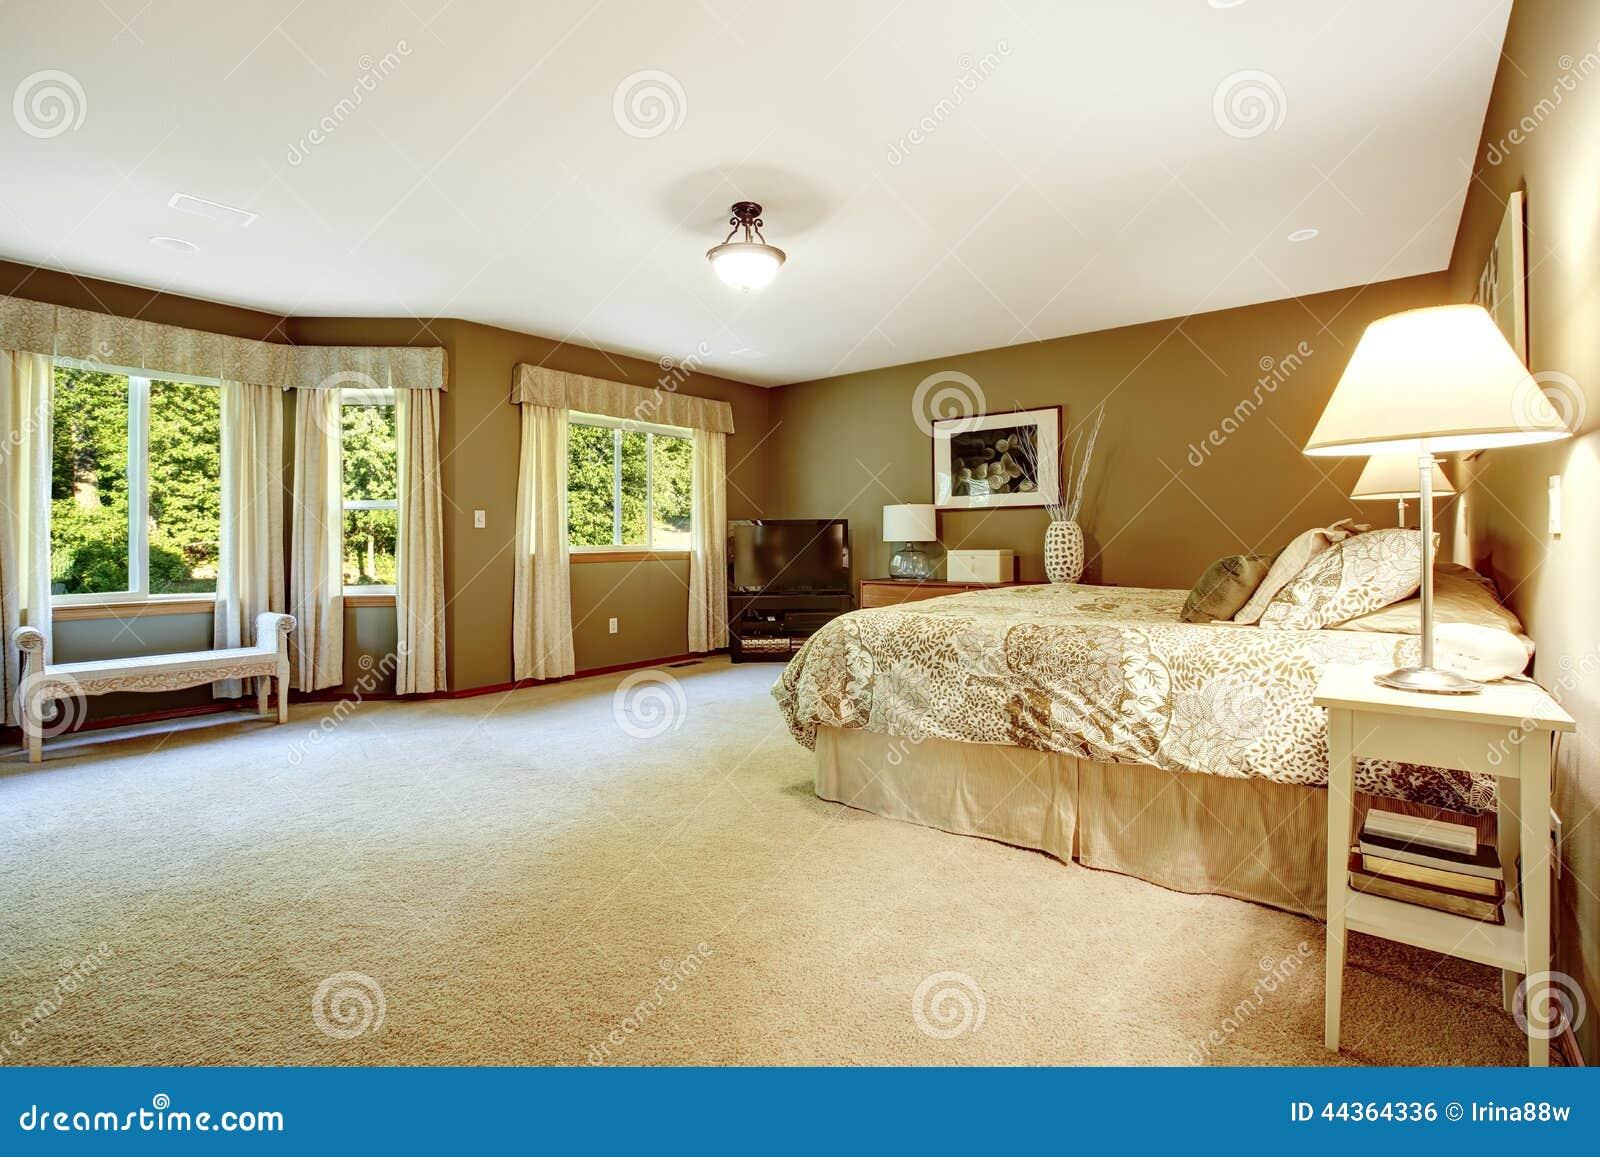 Arredamento Camera Da Letto Marrone : Camera da letto calda spaziosa con le pareti marroni fotografia